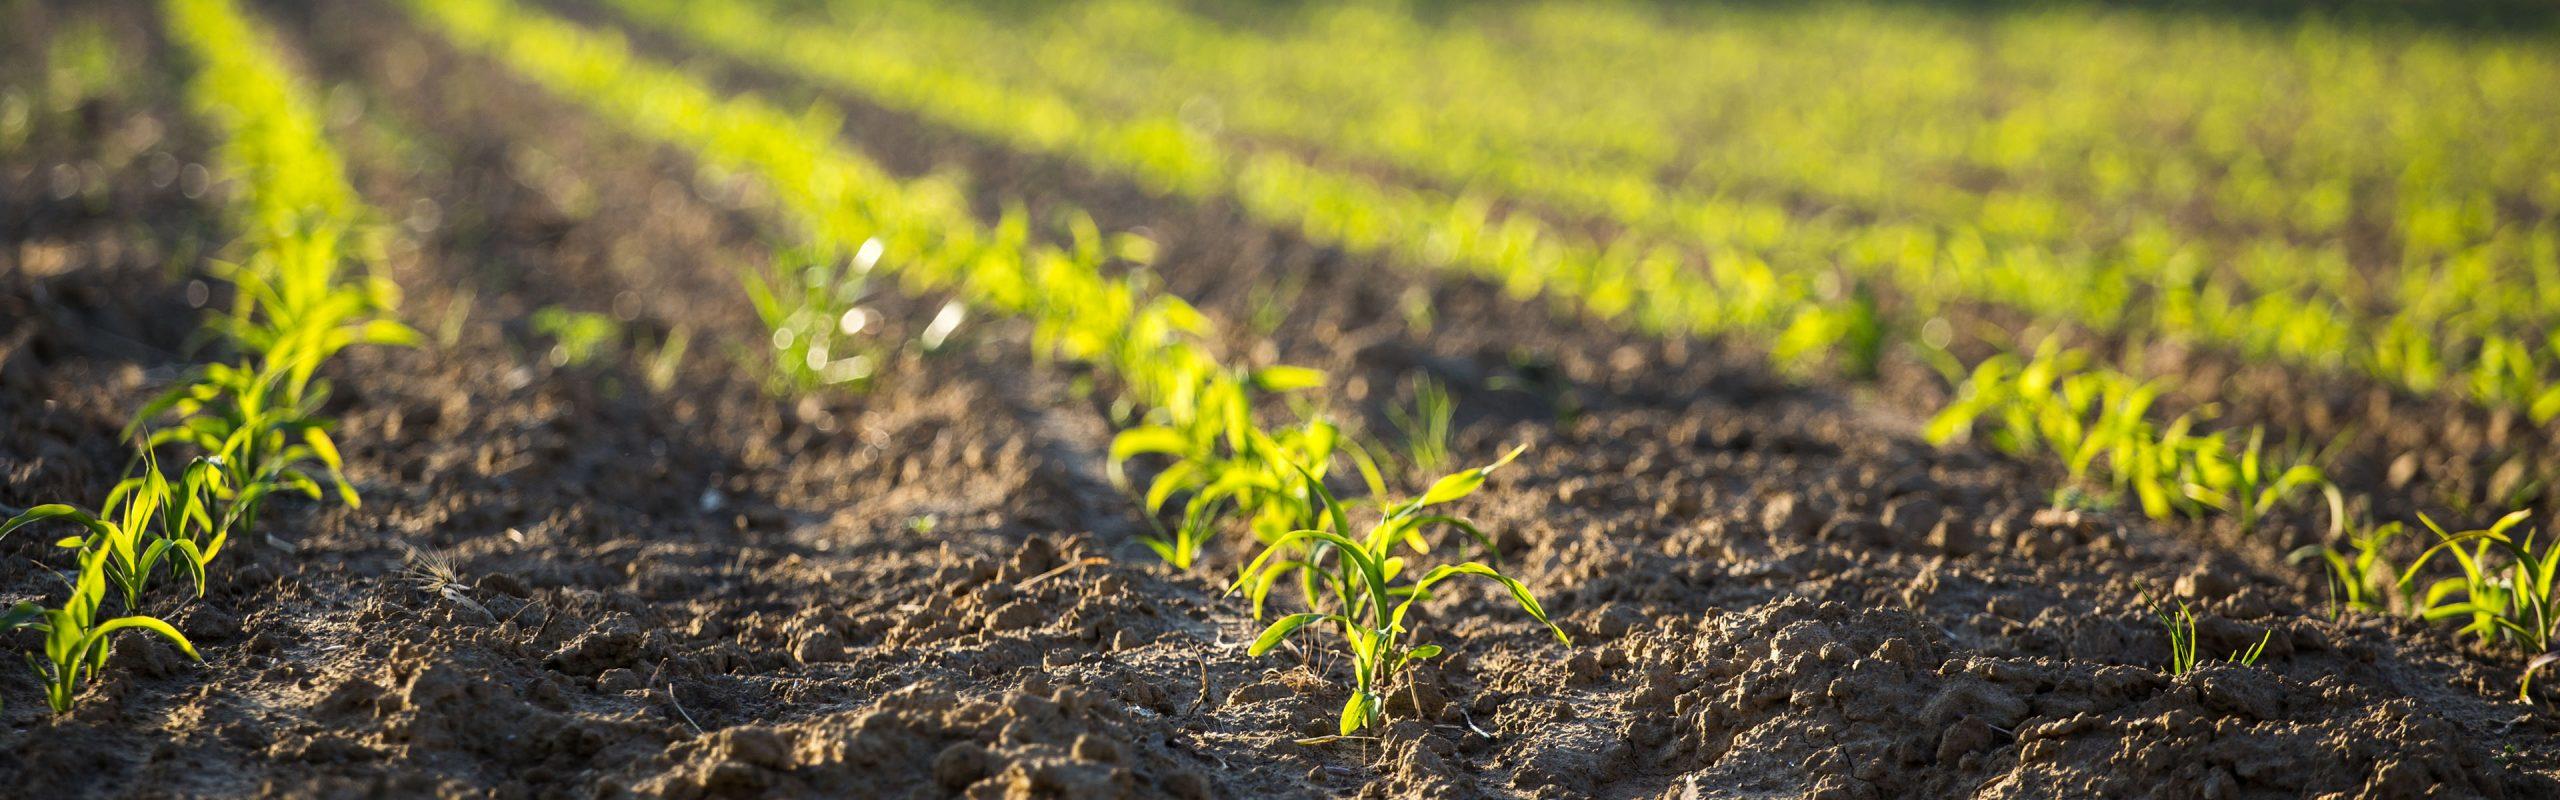 Développer l'agriculture biologique au sein du groupe Terres du Sud